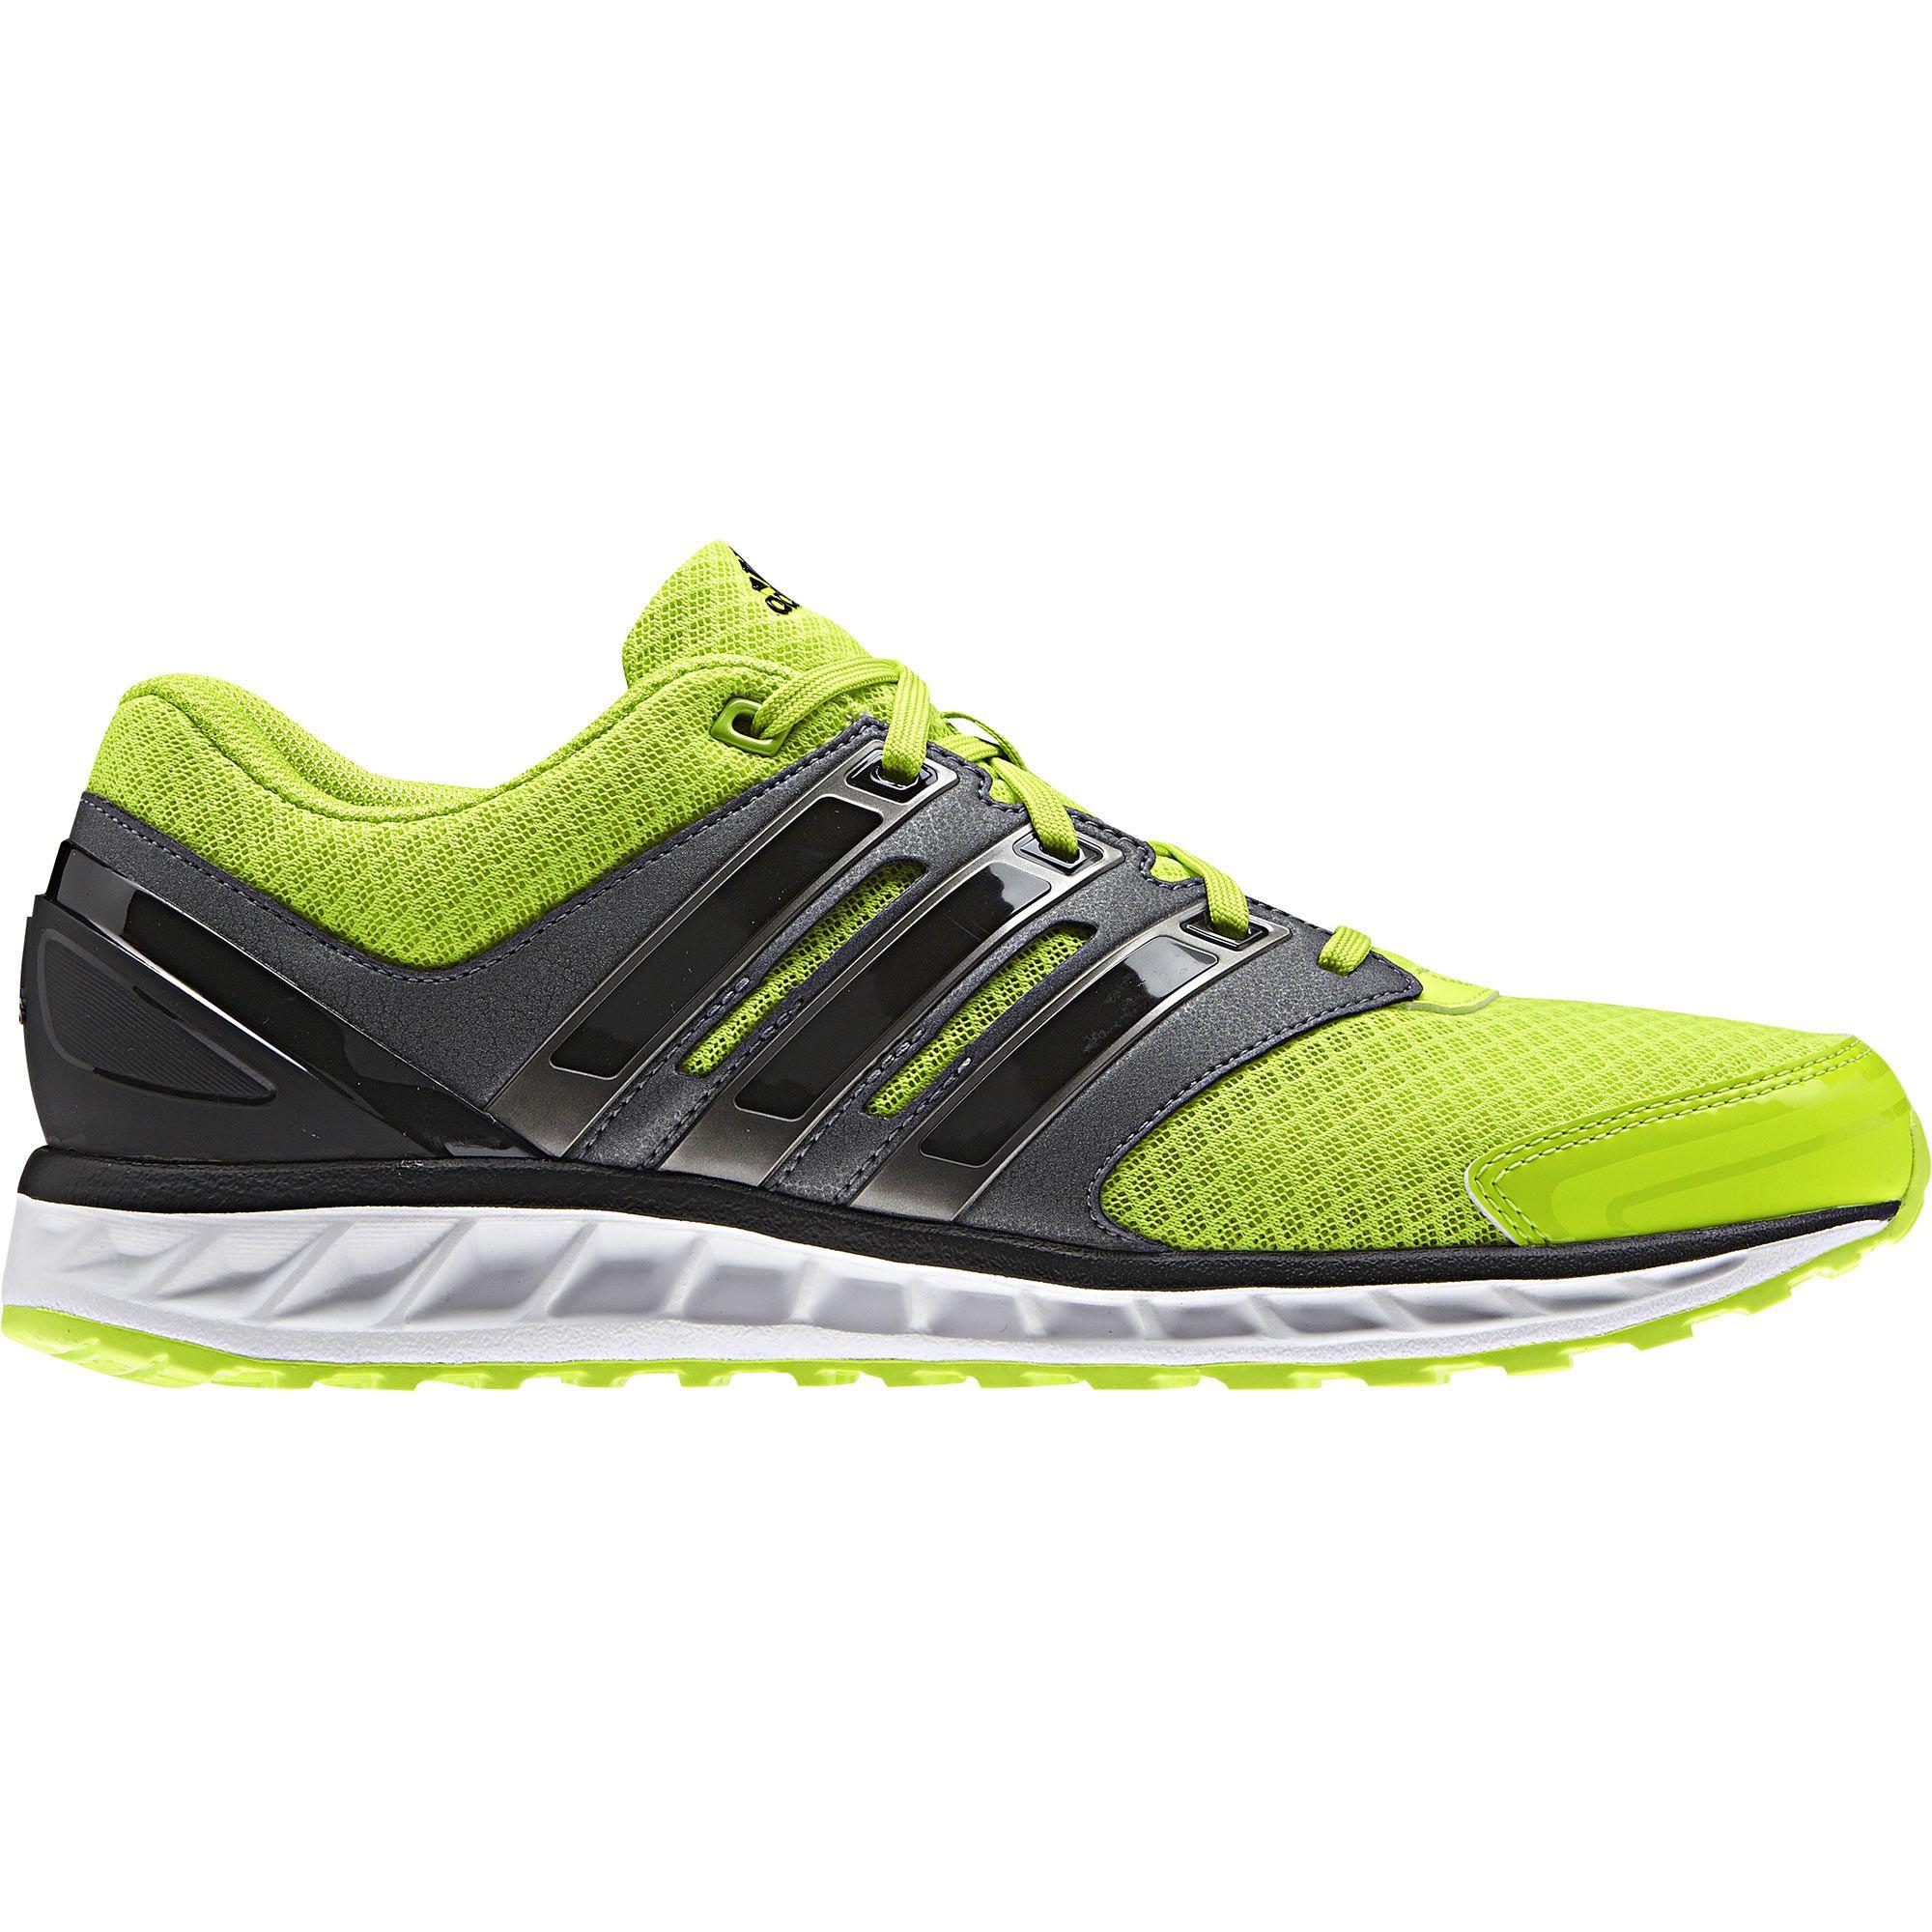 Dejá que tus pies transpiren libremente con estas zapatillas de correr para hombre. Incorporan un exterior recubierto de malla, amortiguación ligera de LiteStrike EVA y revestimientos sintéticos para mayor sujeción.